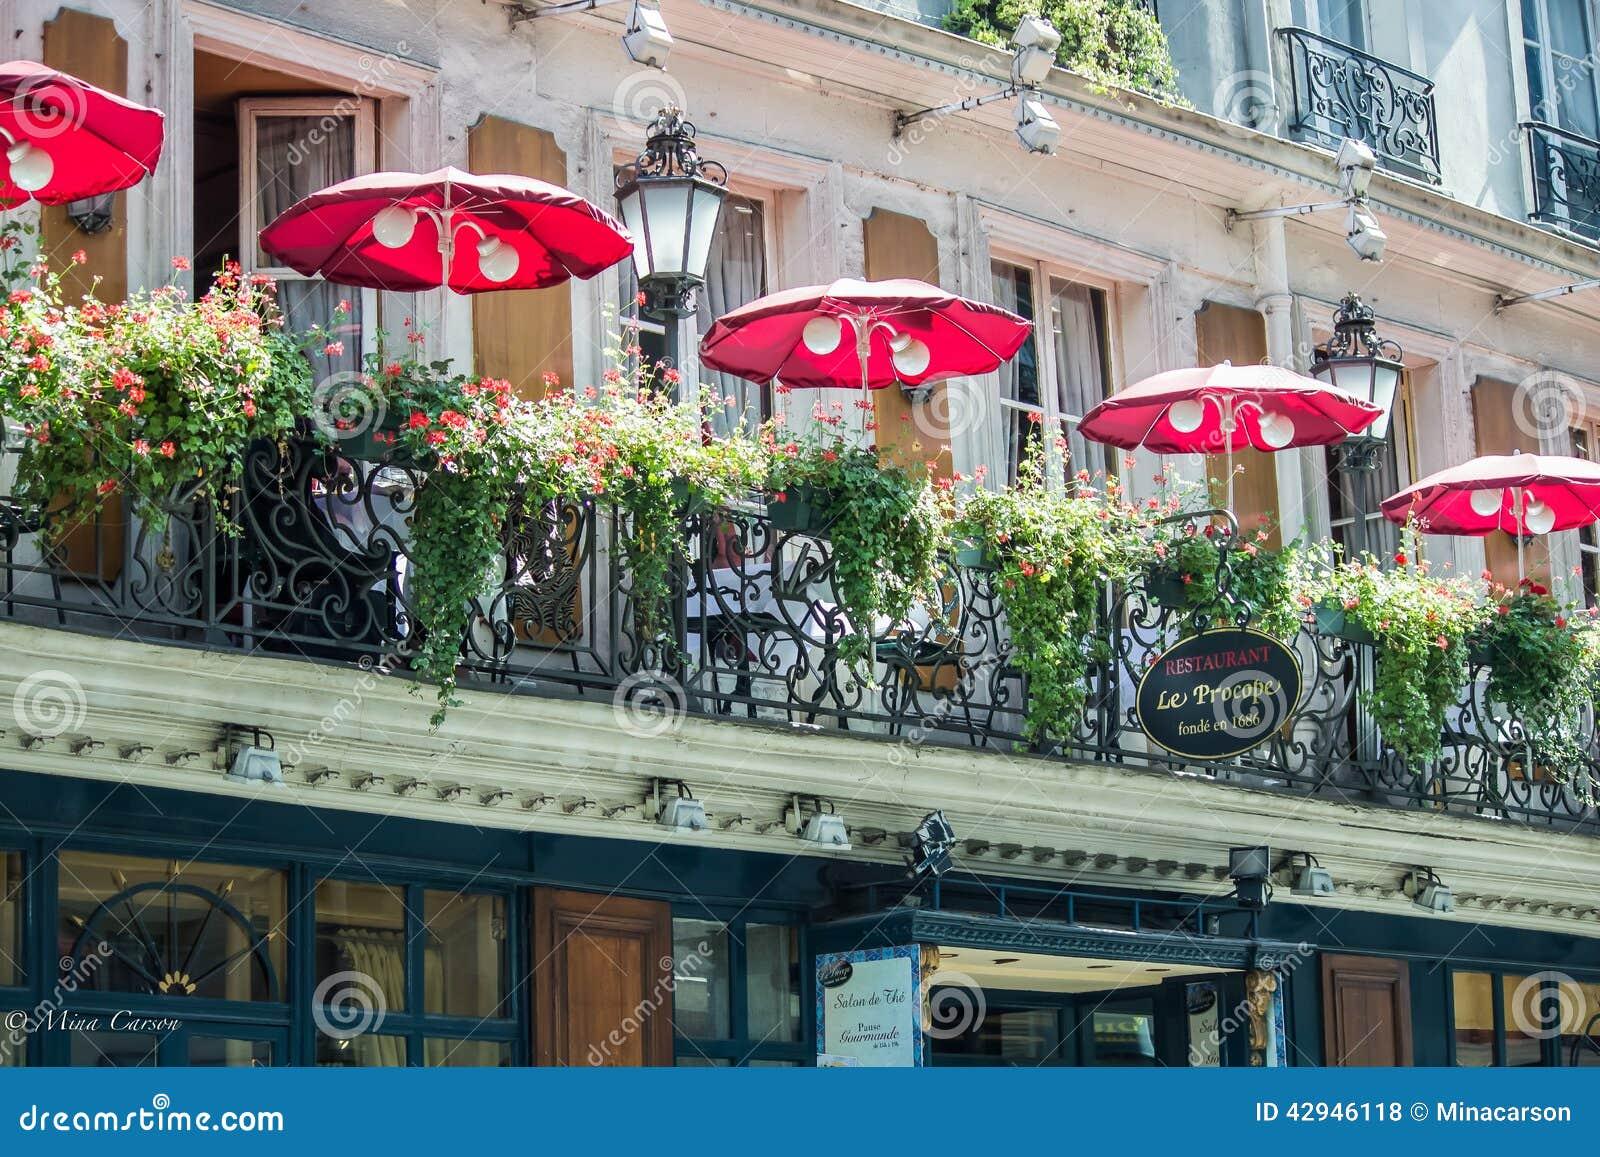 Restaurant Le Procopio Paris